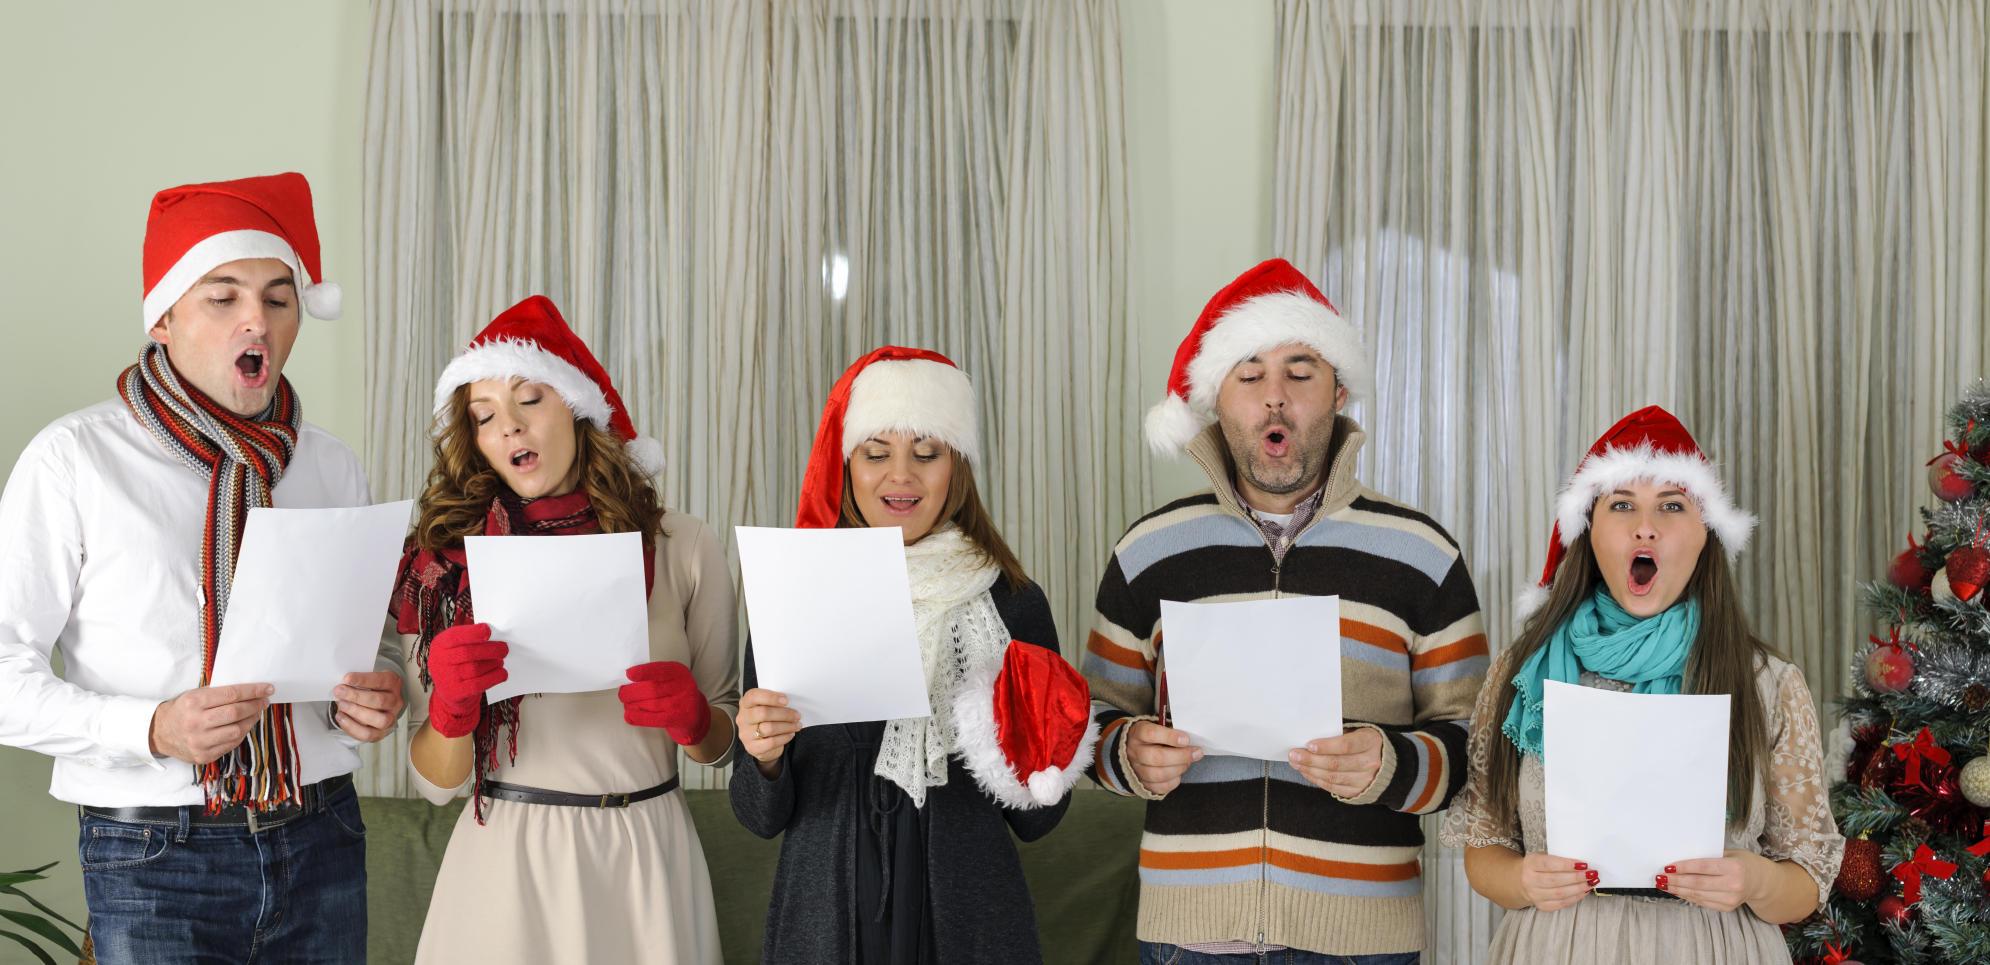 christmas-carols-giving-back